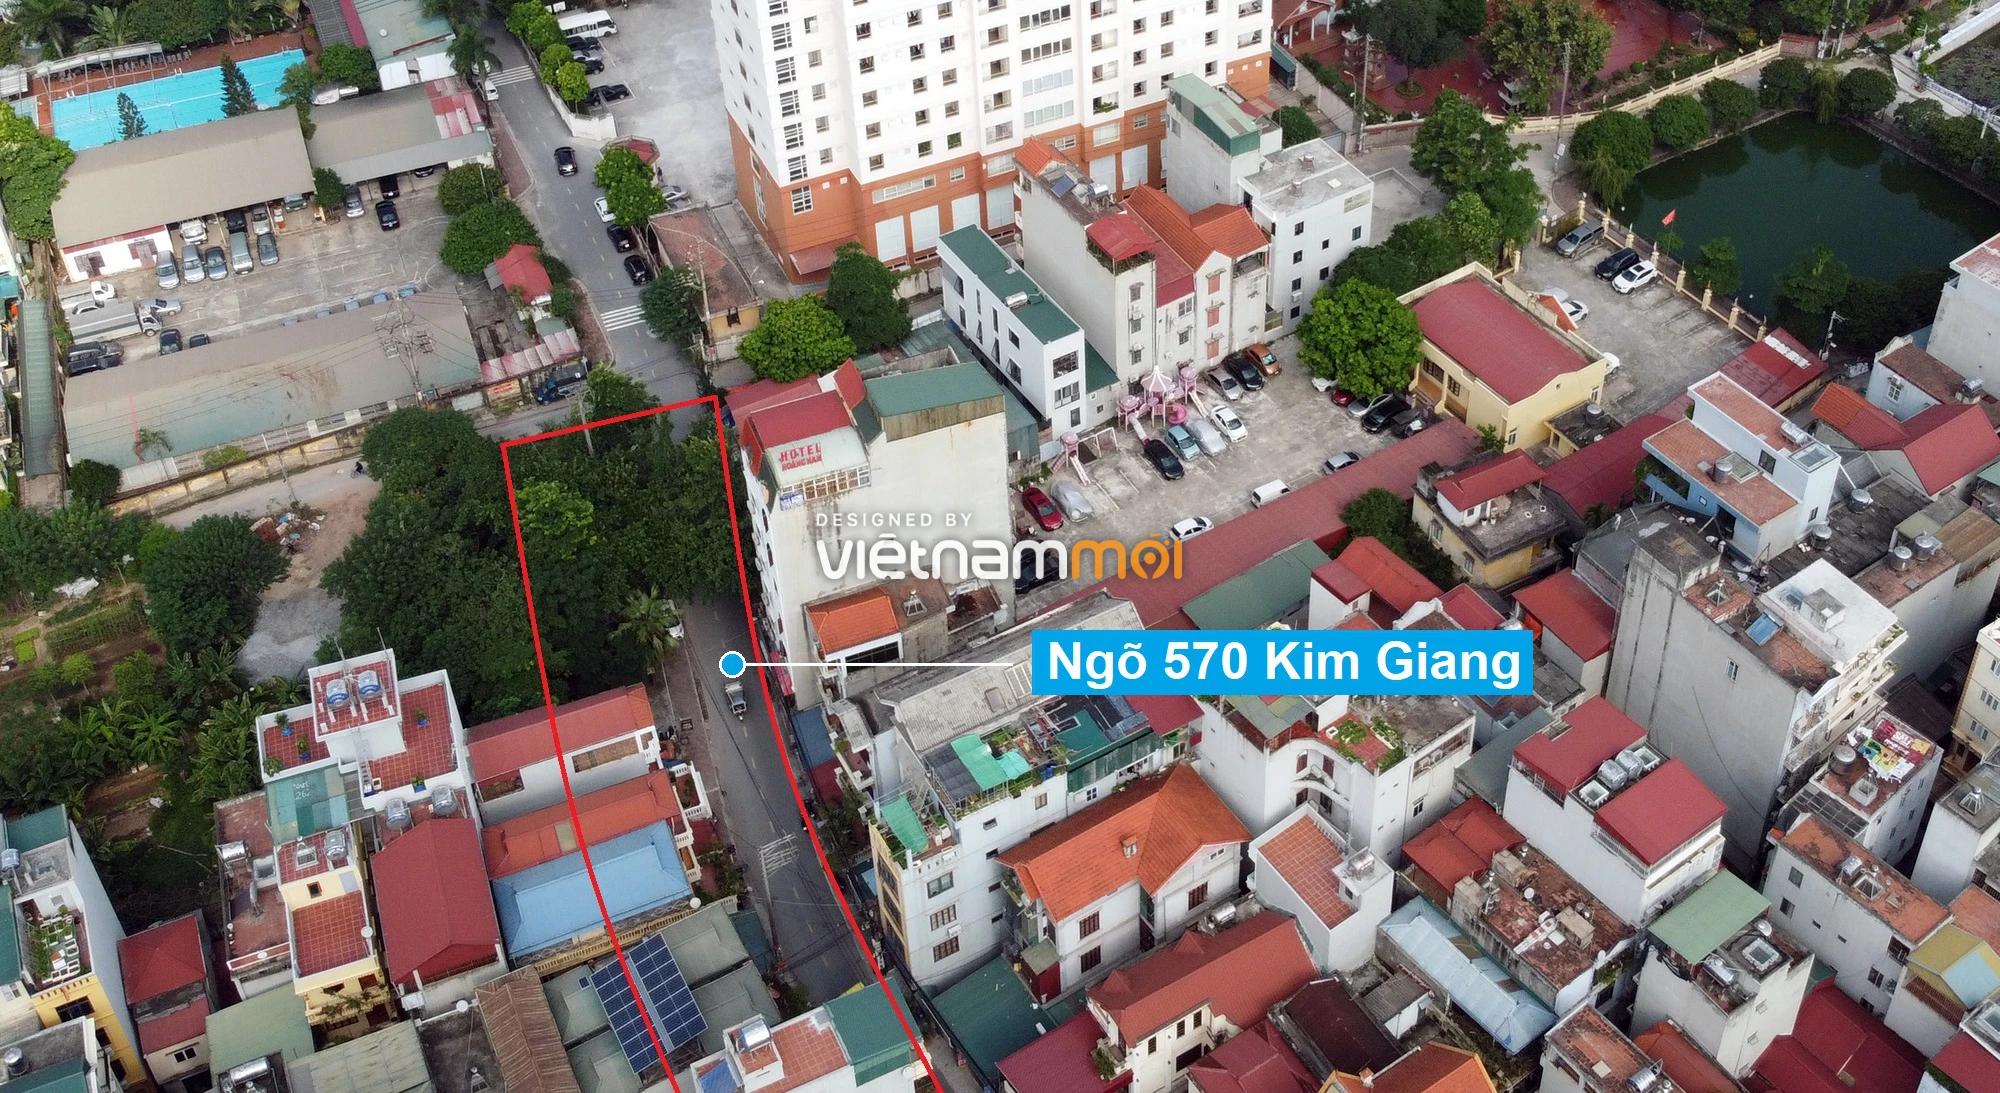 Những khu đất sắp thu hồi để mở đường ở xã Thanh Liệt, Thanh Trì, Hà Nội (phần 4) - Ảnh 4.